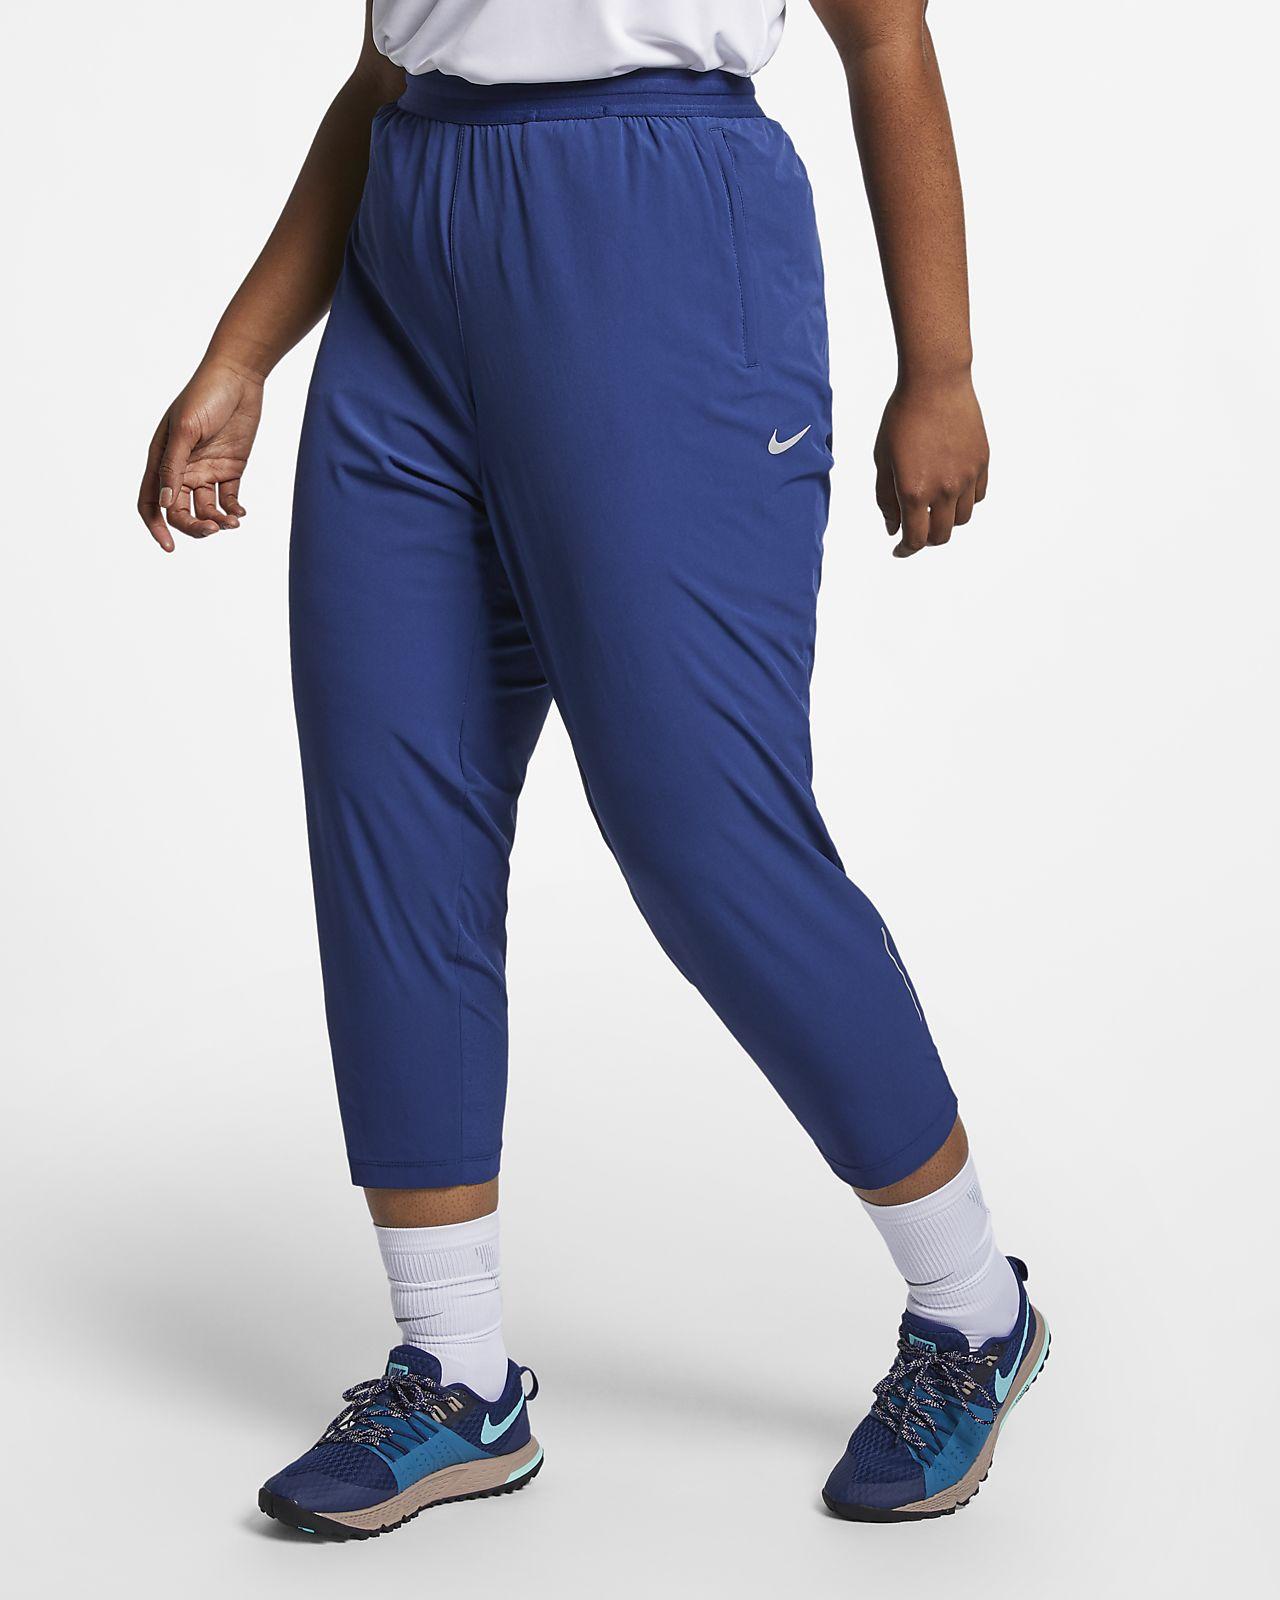 Женские слегка укороченные брюки для бега Nike Essential (большие размеры)